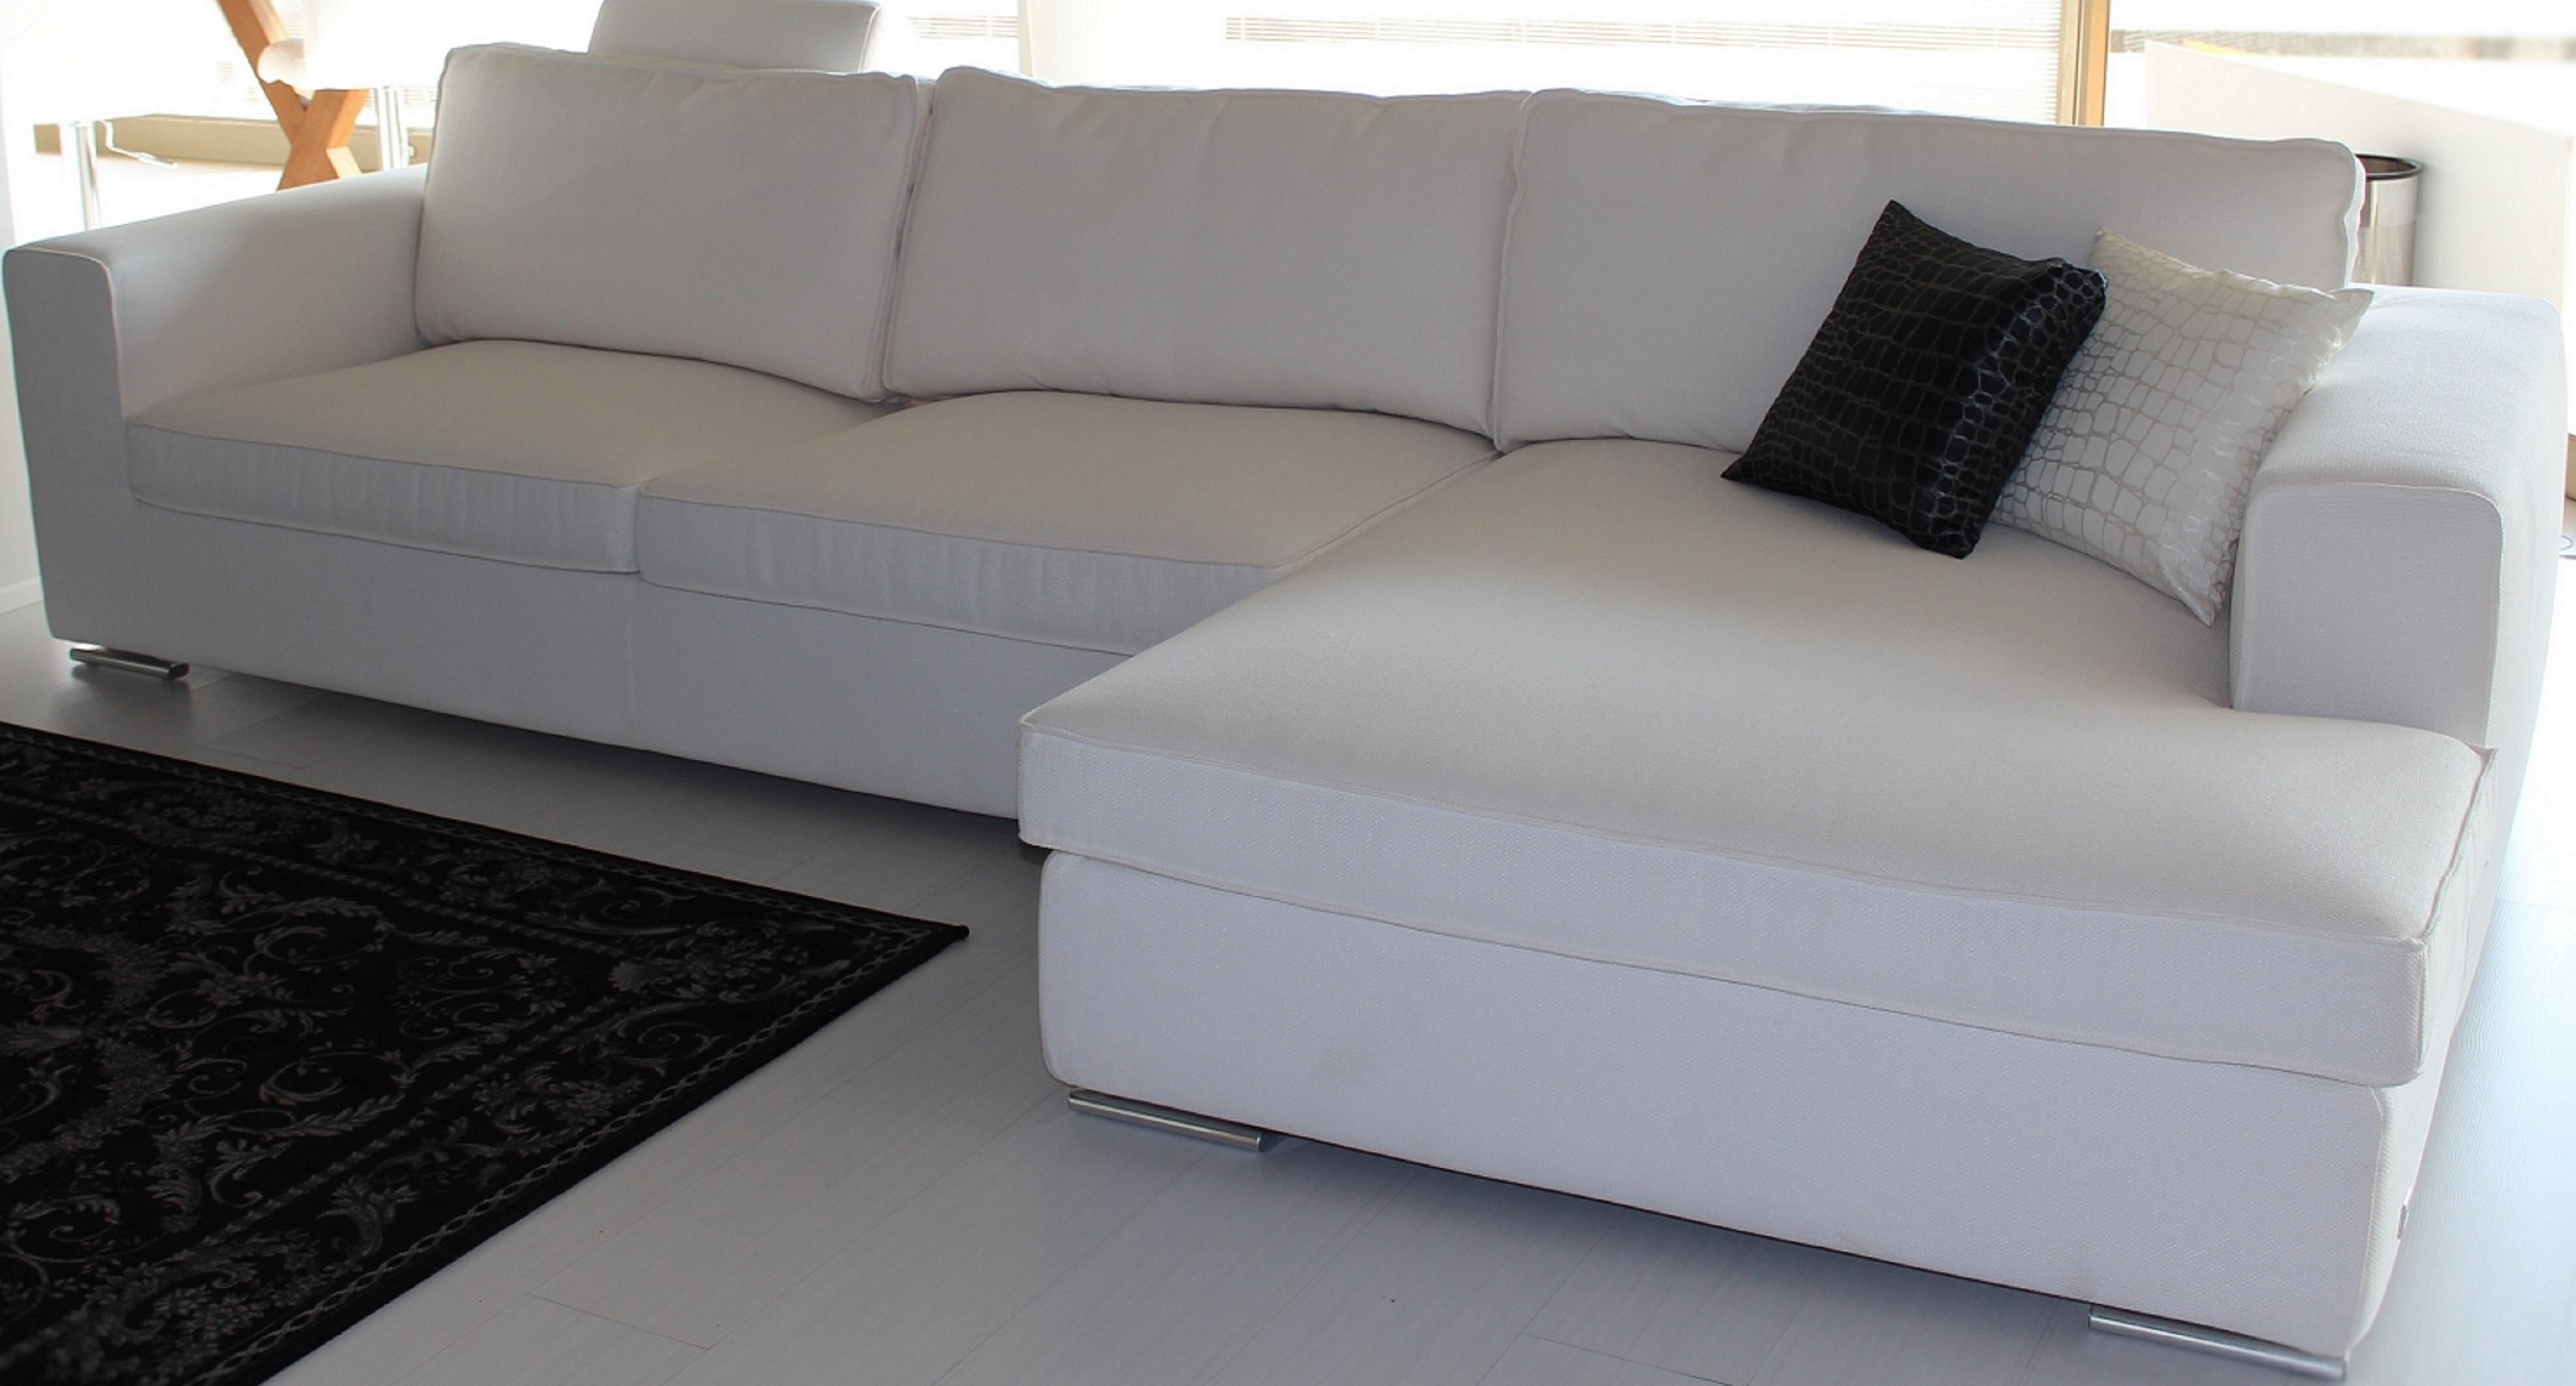 Divani tessuto antimacchia idee per il design della casa for Divani salotti